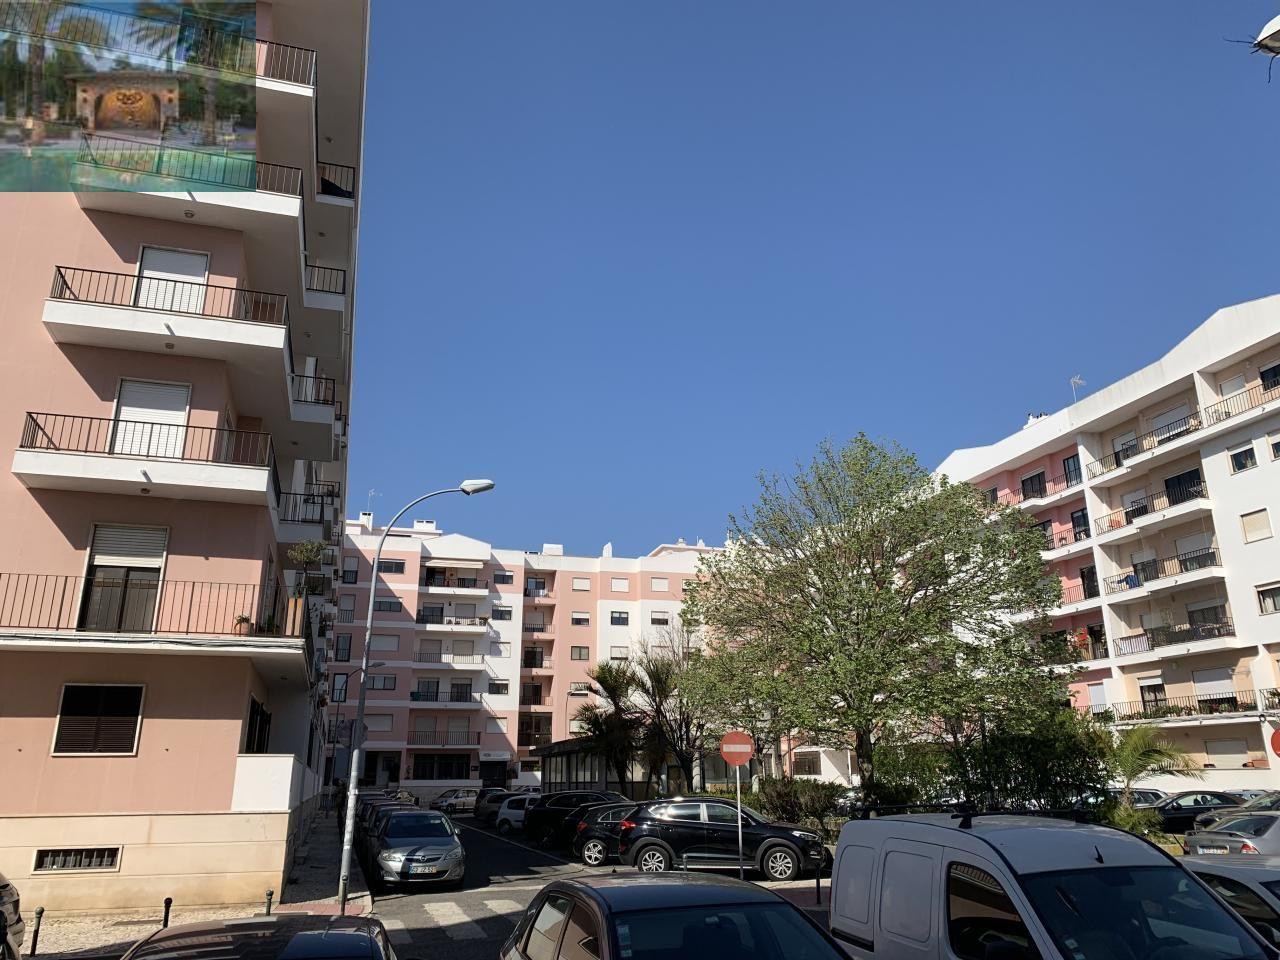 Oeiras /Linda-a-Velha -Penthouse - Apartamento T3 , garagem